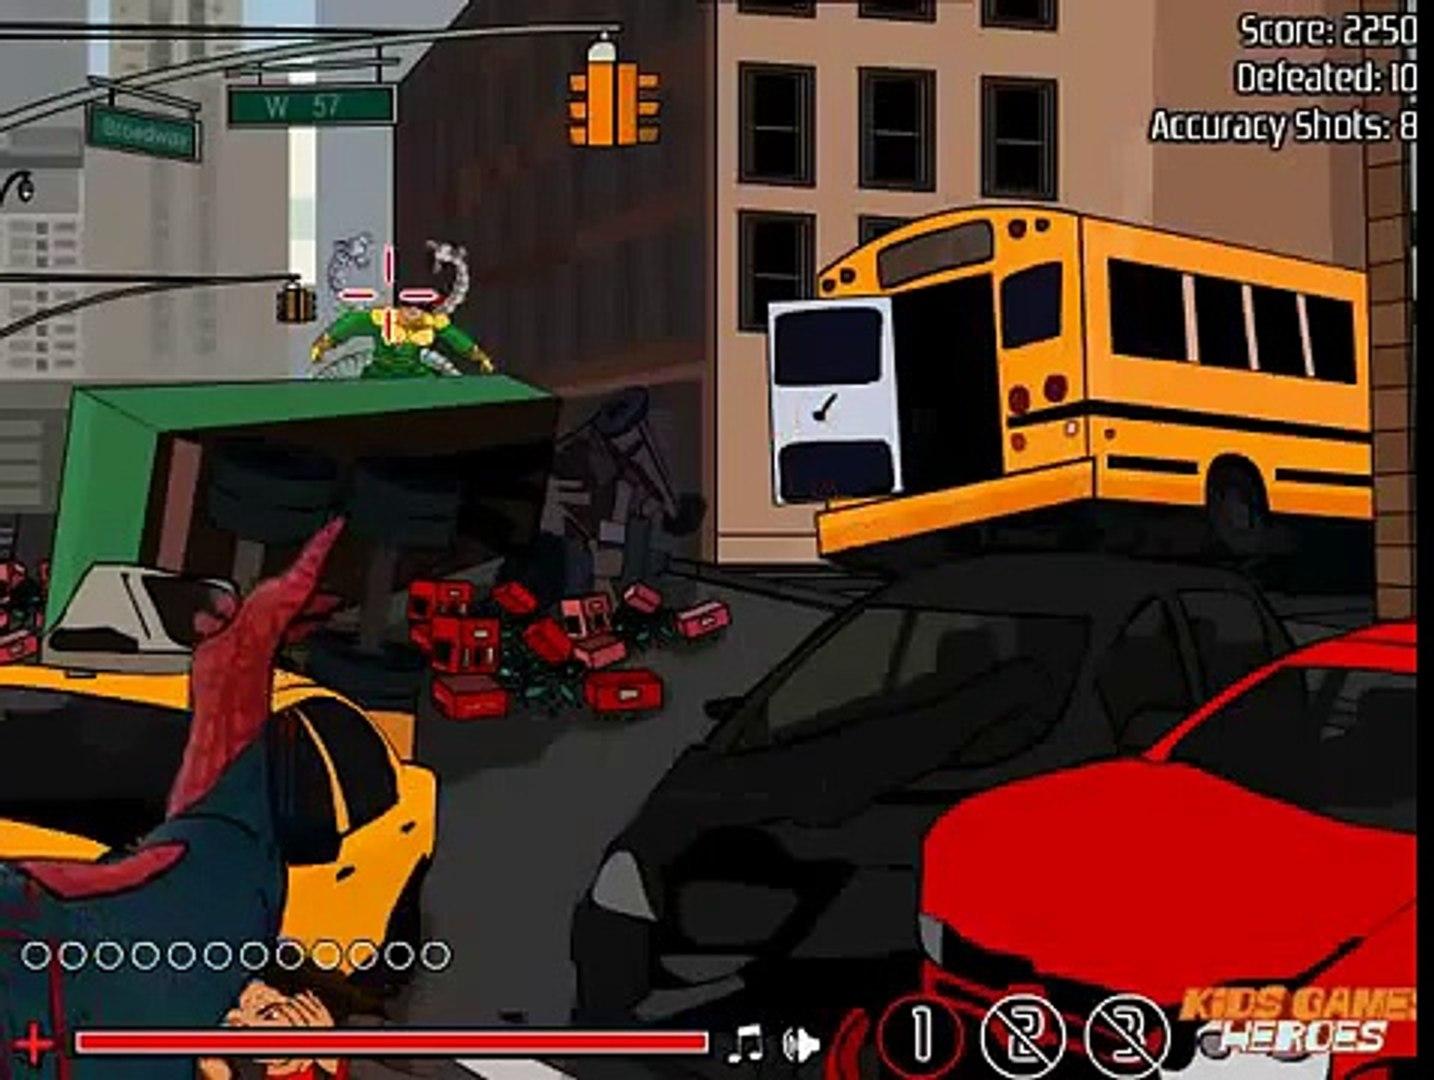 черепашки ниндзя спасают город от сил зла | онлайн игра от никелодеон (FULL HD)